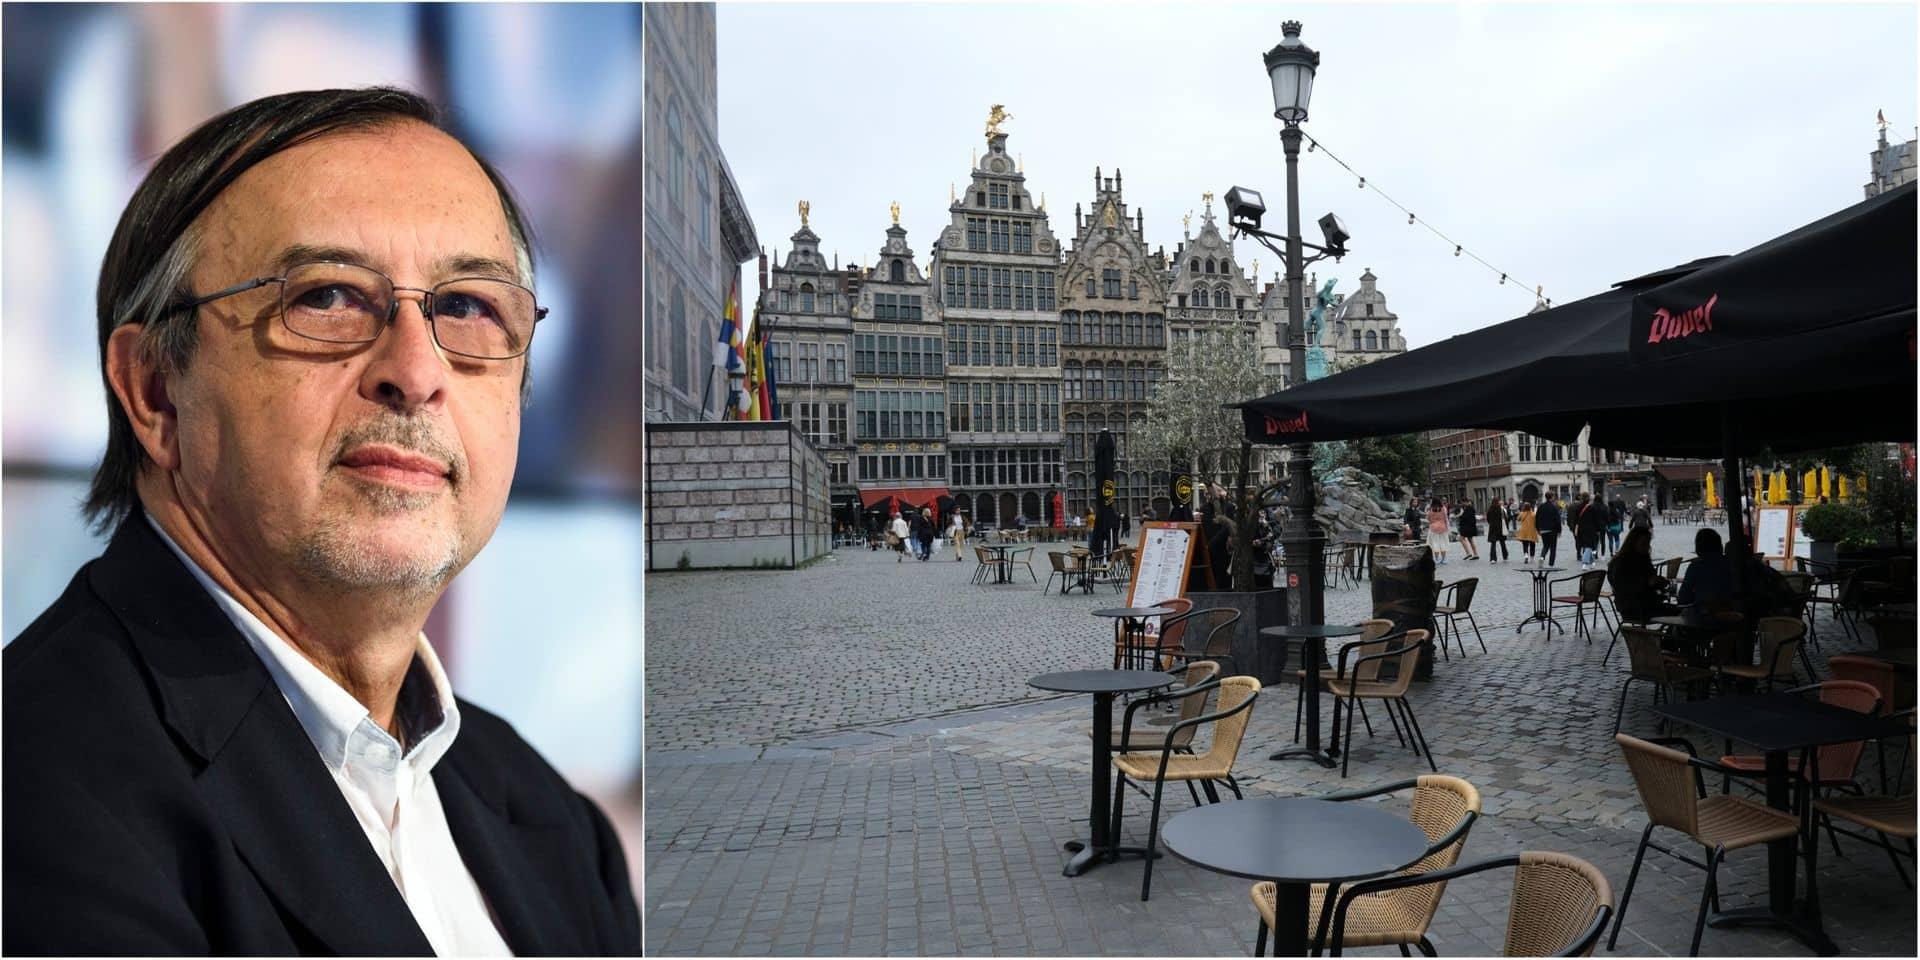 """""""On est le nez sur un lockdown partiel"""", """"vers des bulles réduites, proches de zéro"""": Yves Van Laethem analyse la situation actuelle et se veut pessimiste"""